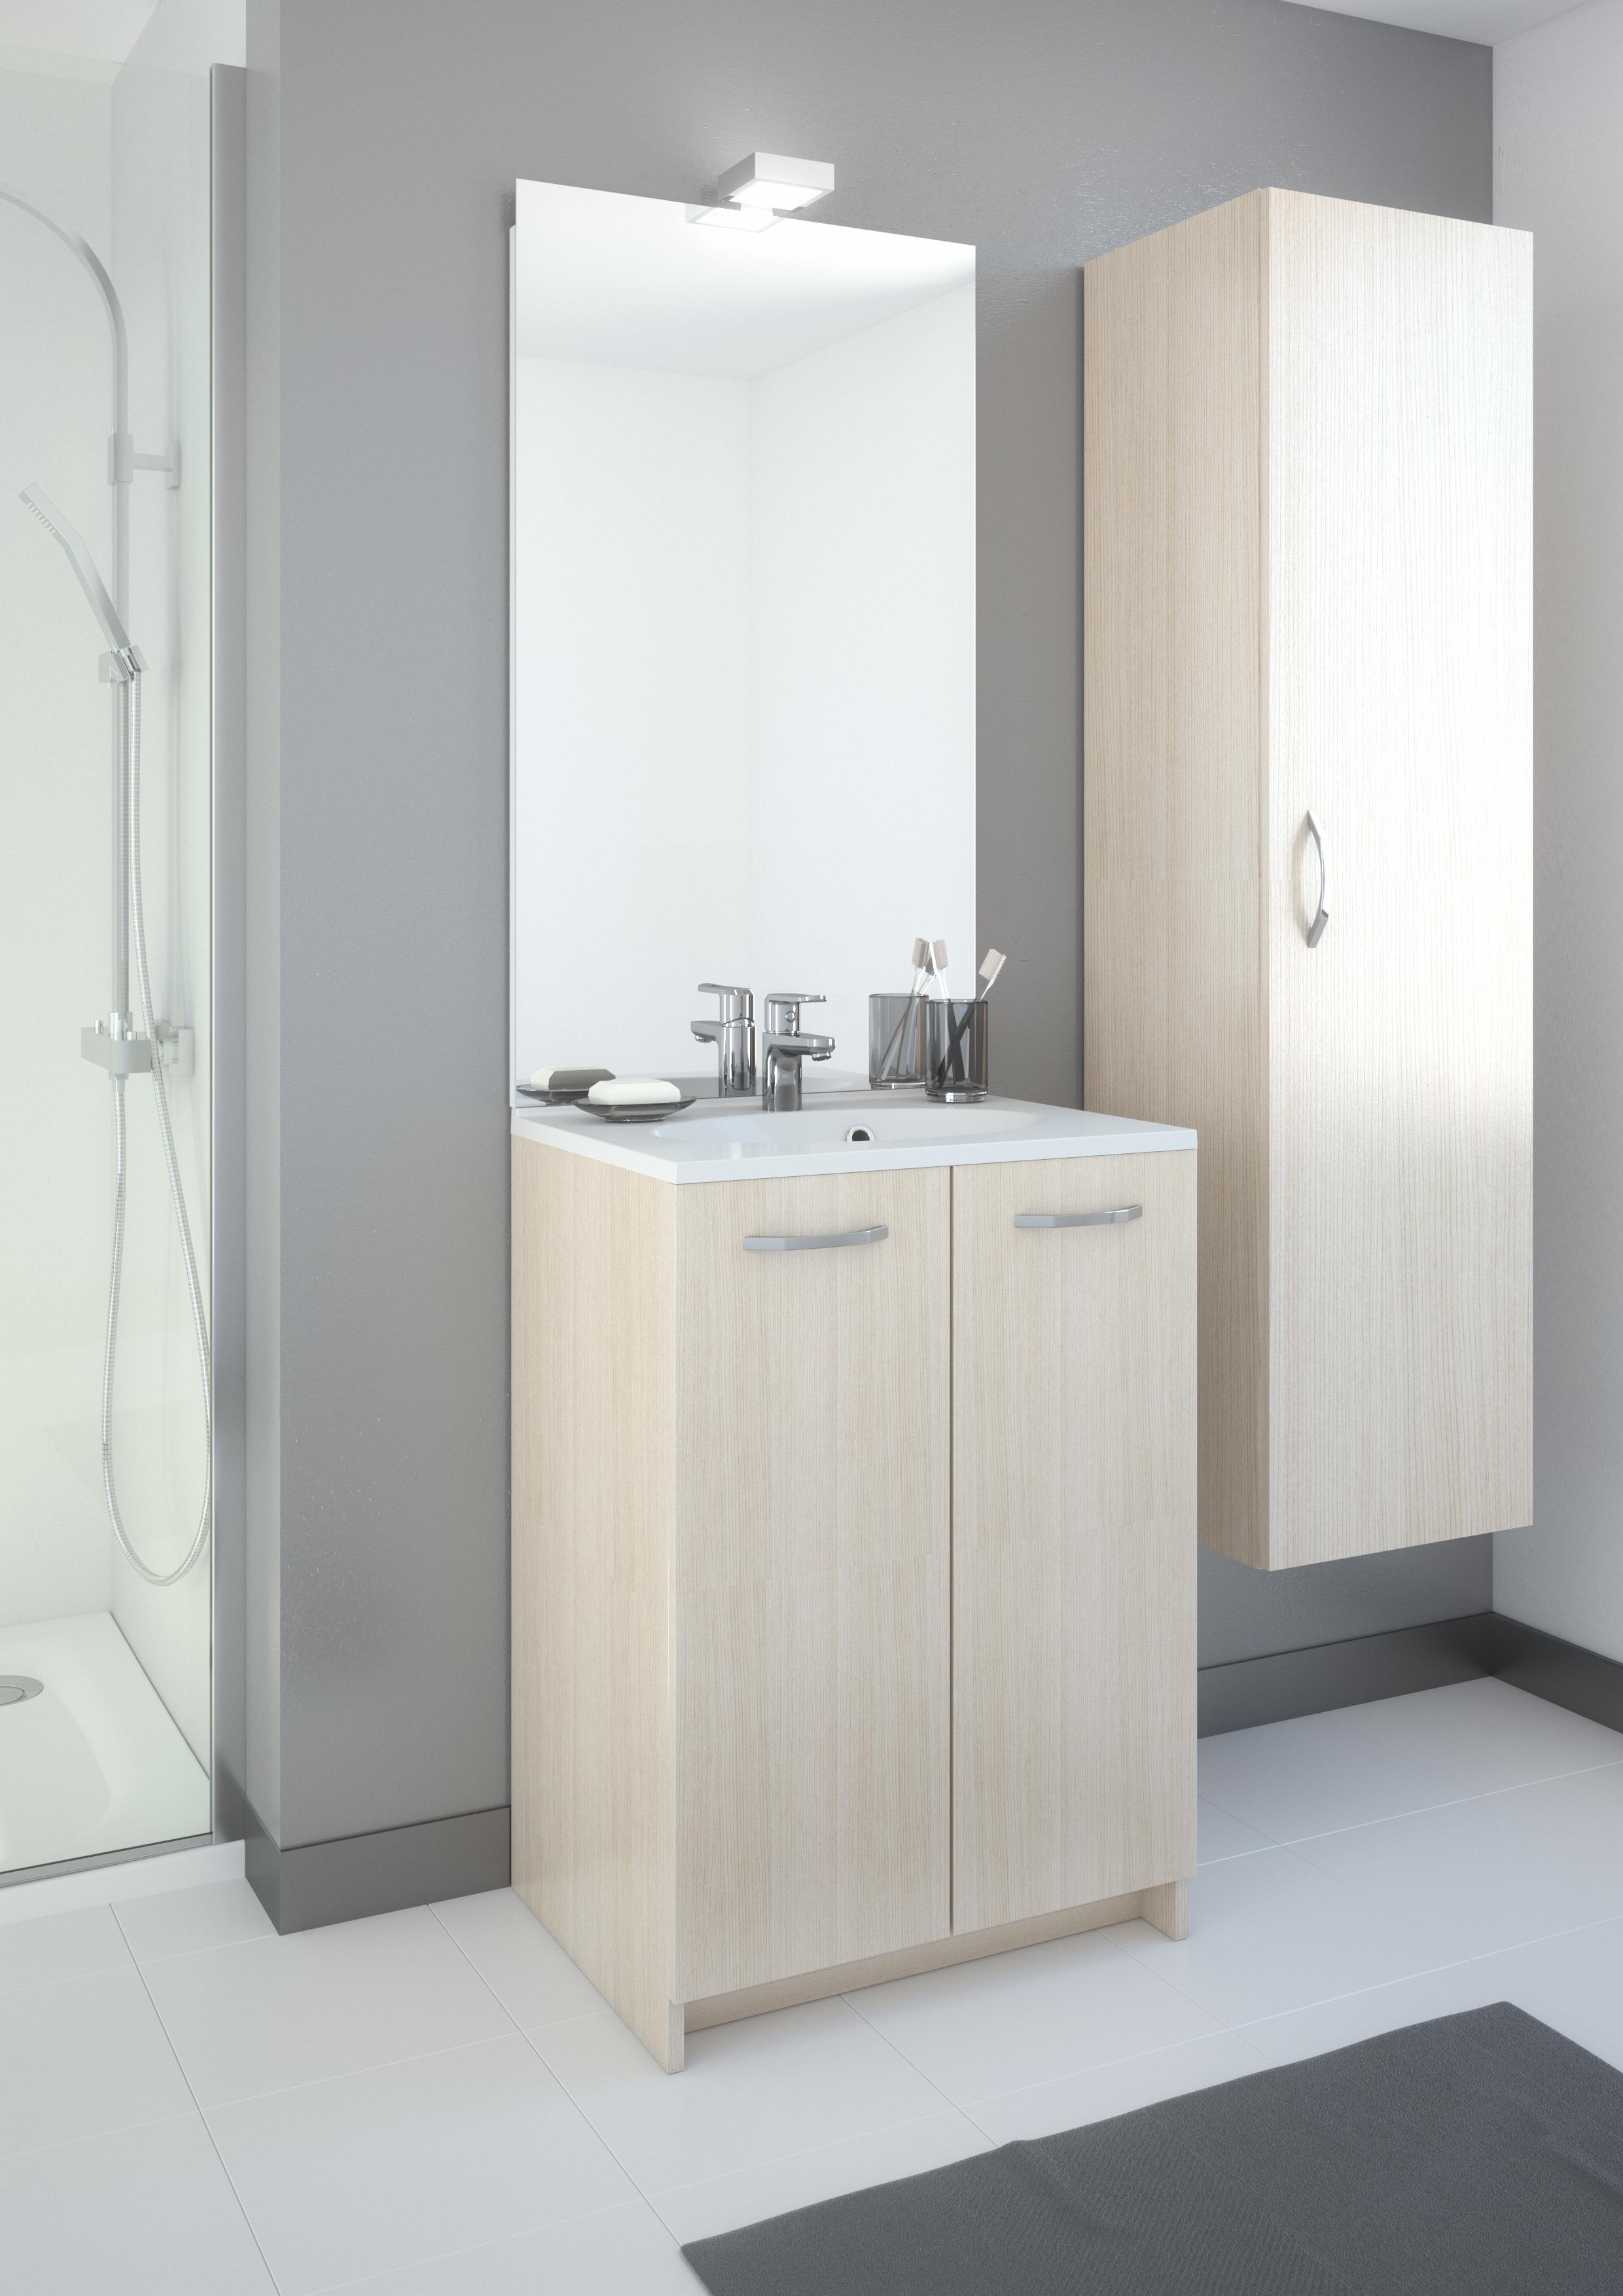 Meuble de salle de bain eko 39 line a poser aquarine pro for Meuble salle de bain aquarine